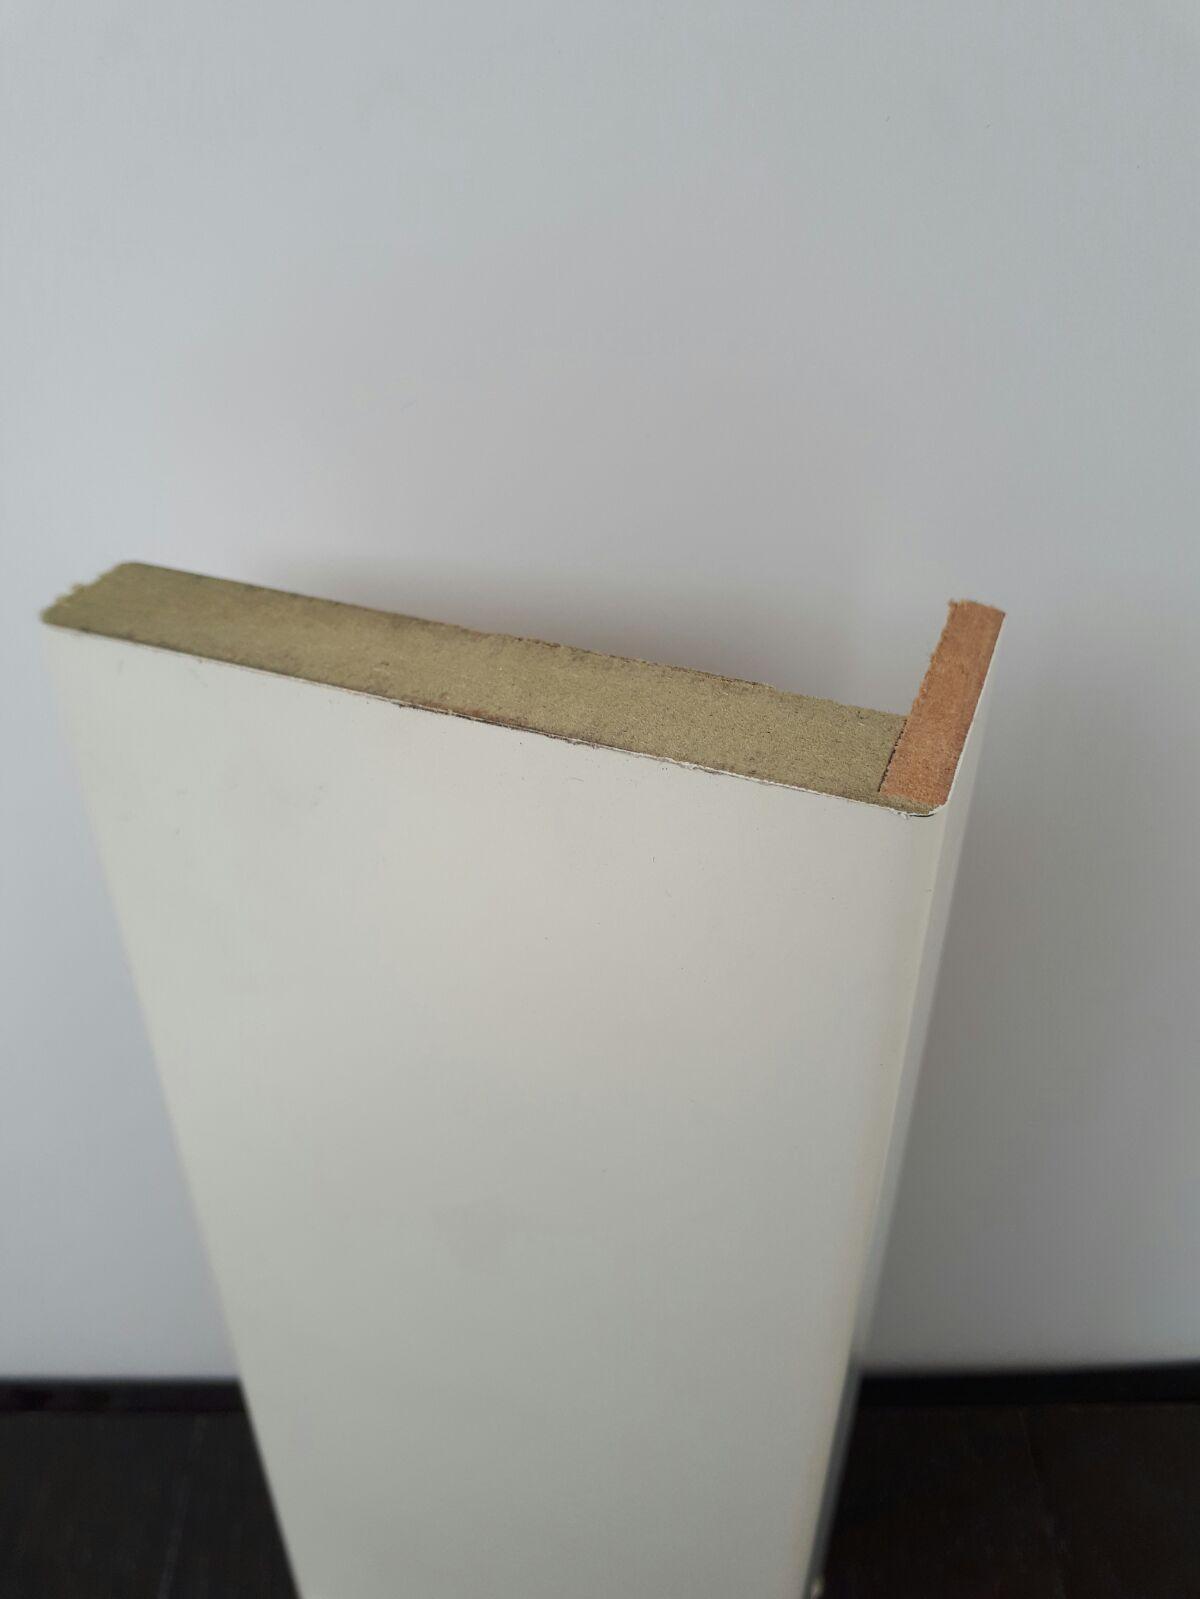 Tapeta extensible dm hidr fugo blanco maderas garcia diego - Tablero dm hidrofugo ...